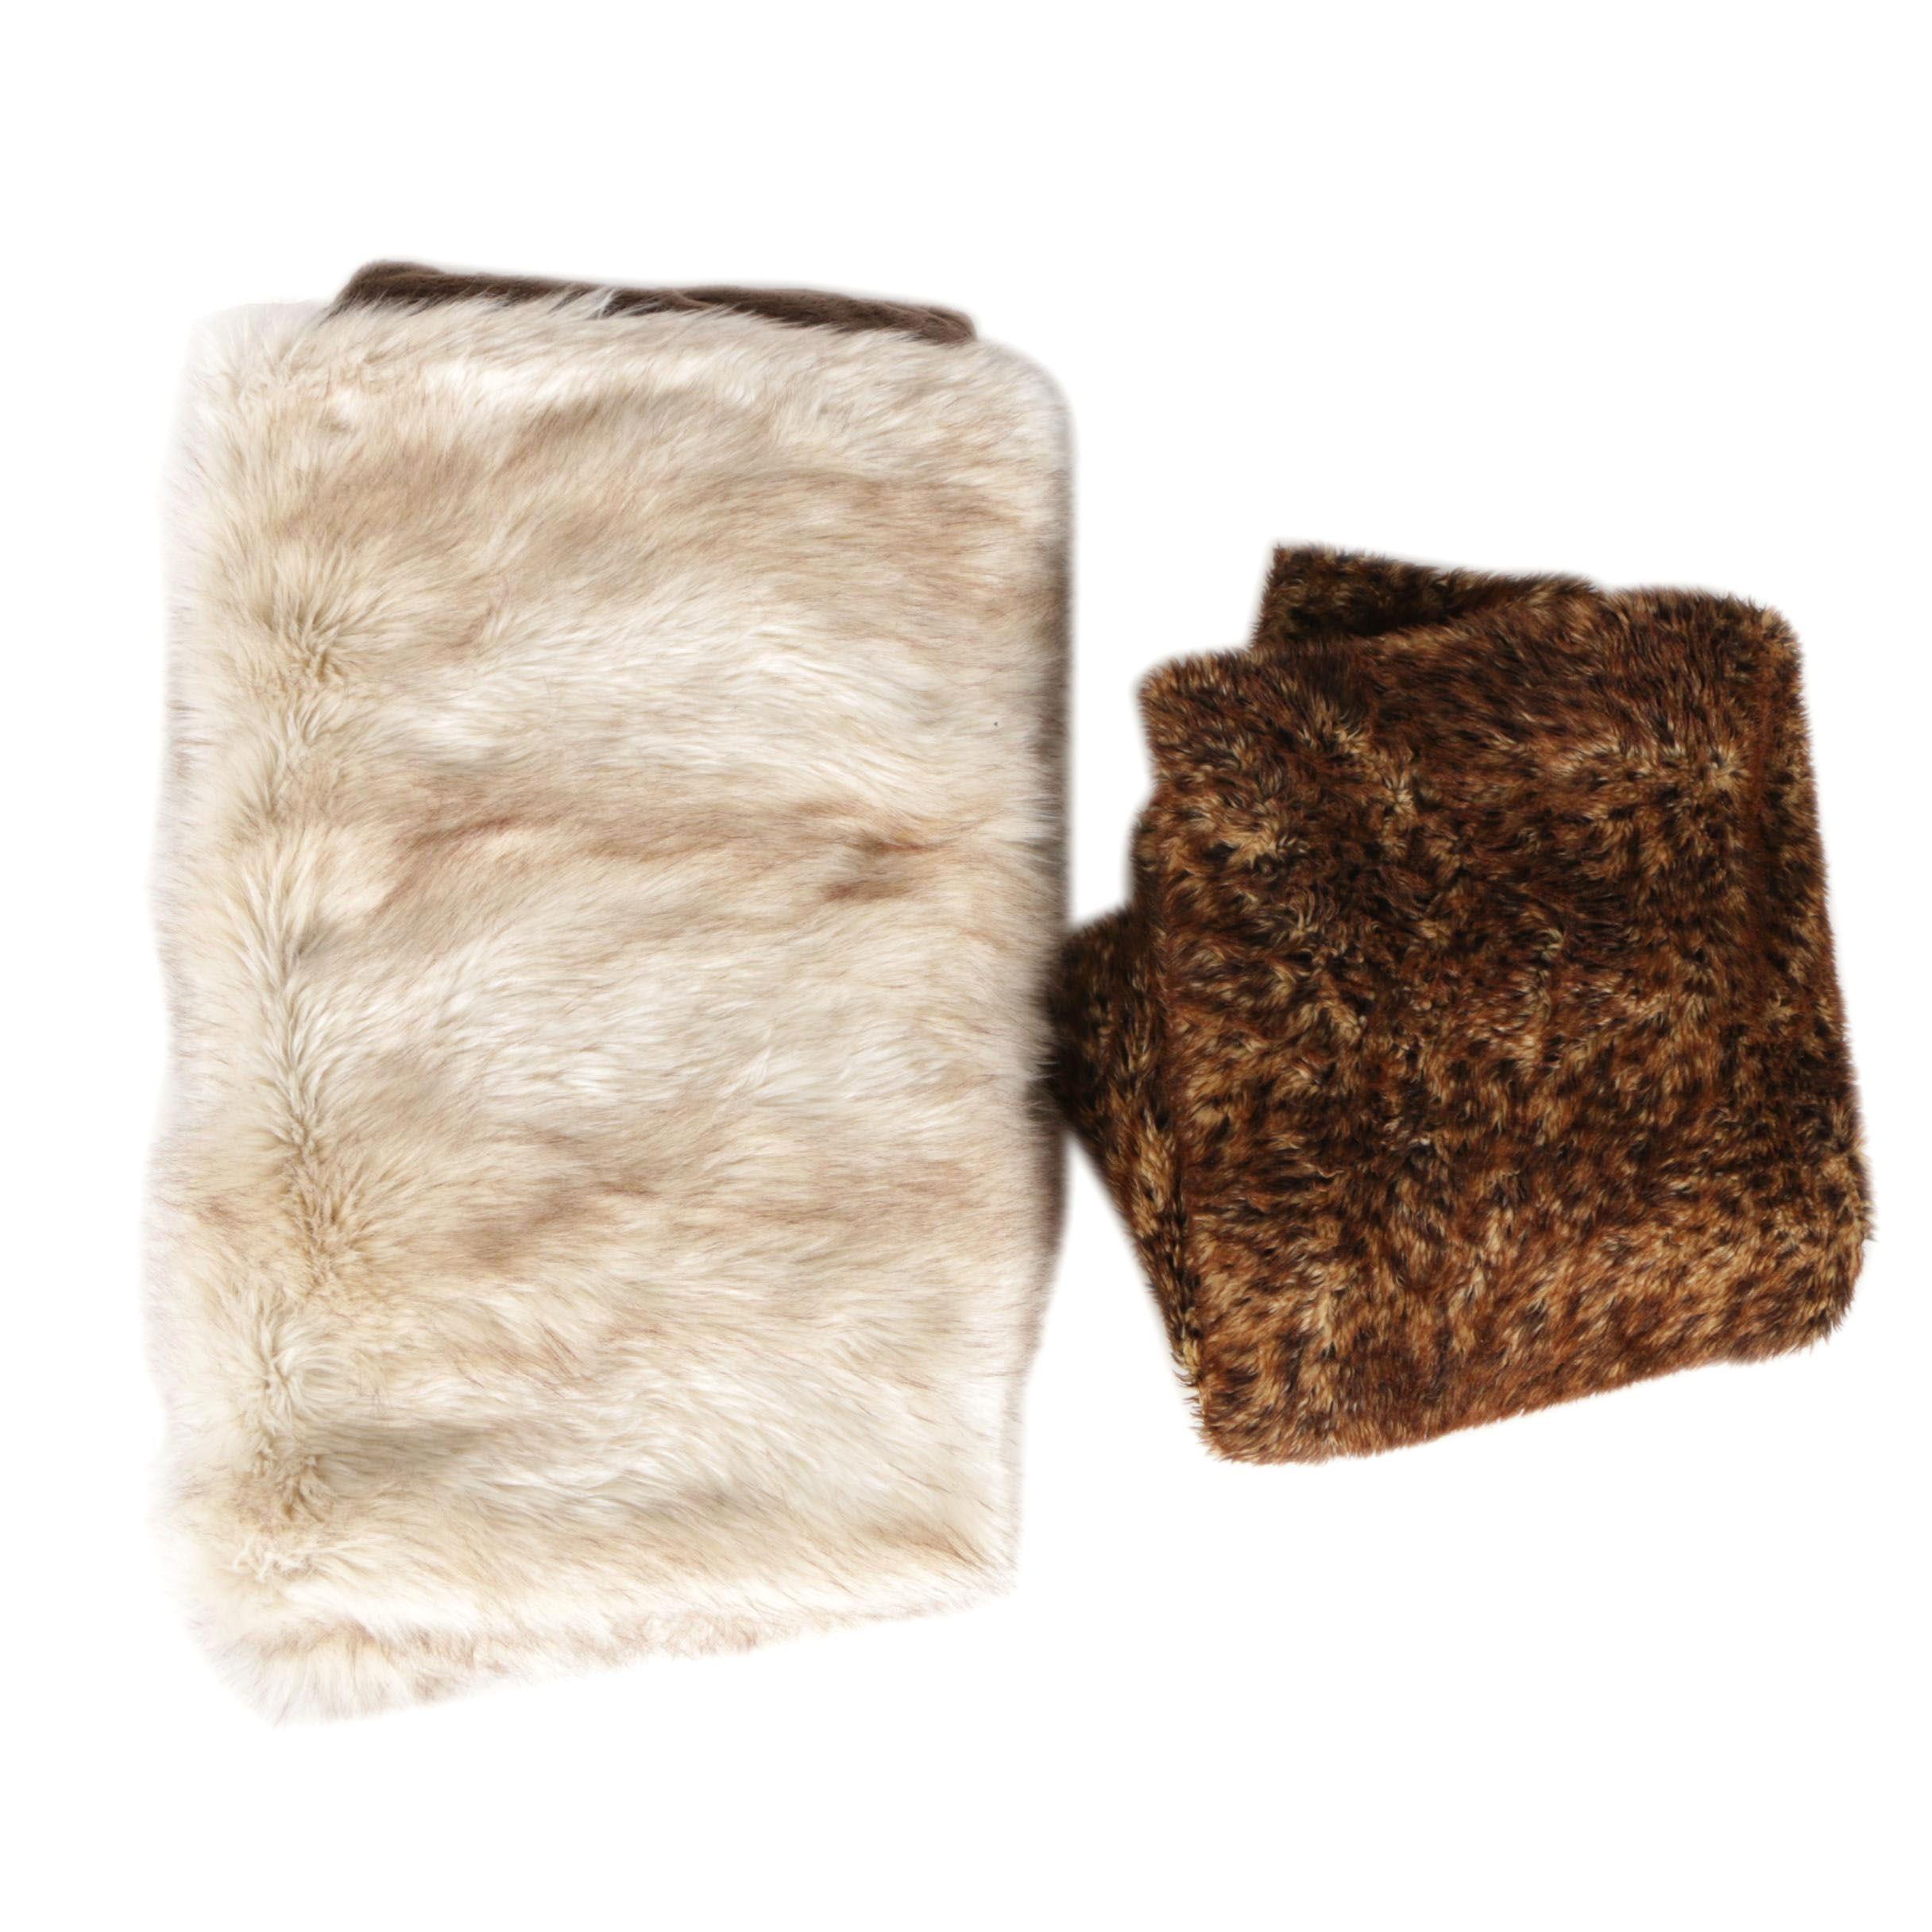 Two Faux Fur Blankets